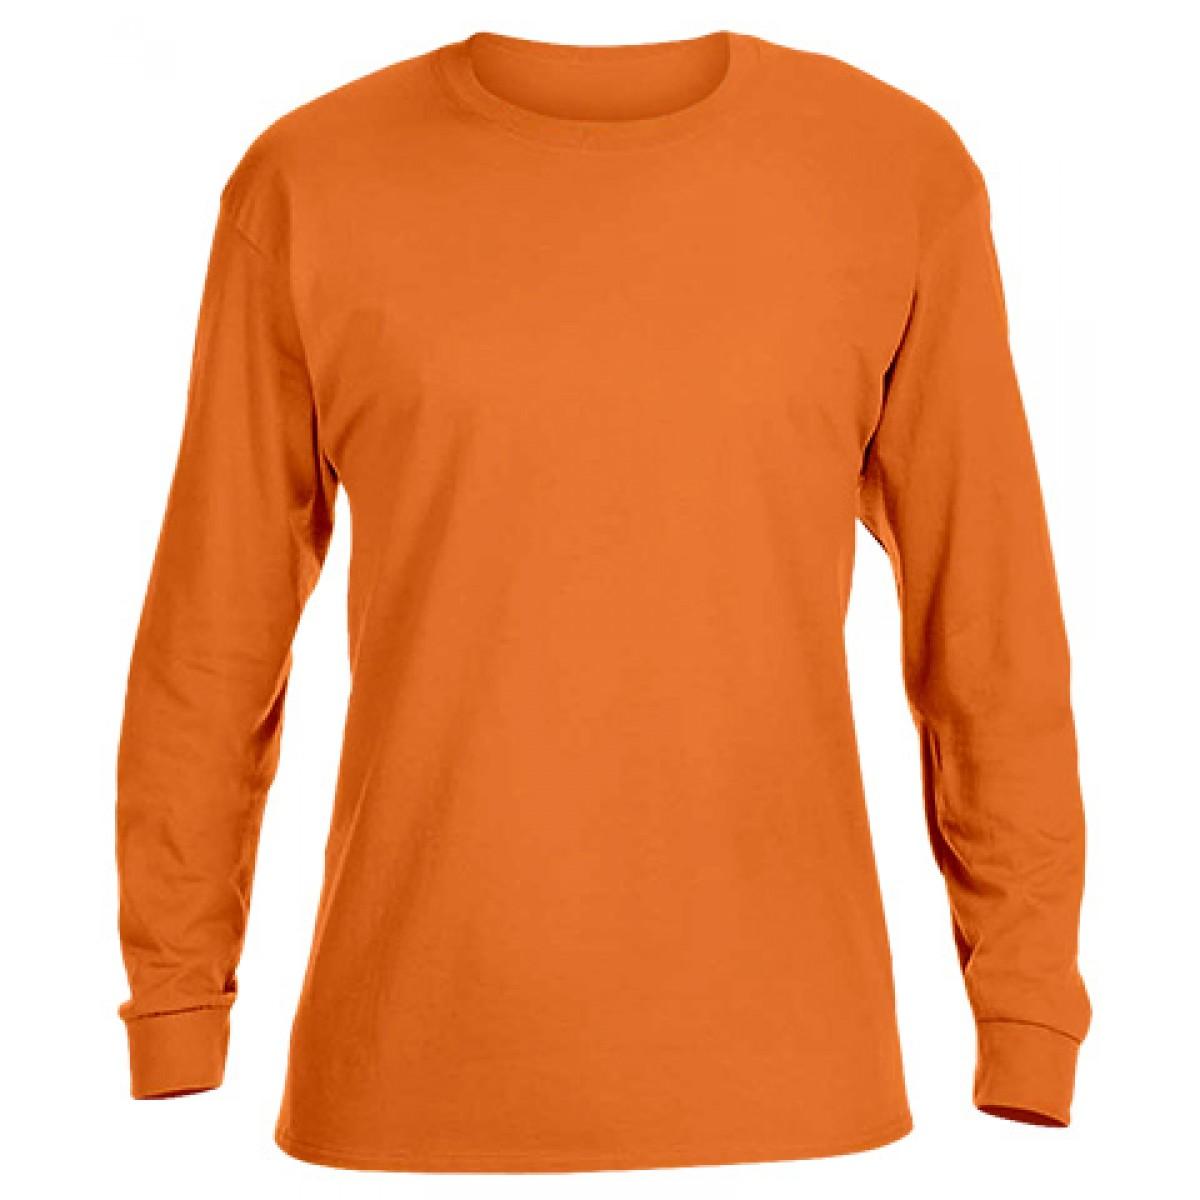 Basic Long Sleeve Crew Neck Orange